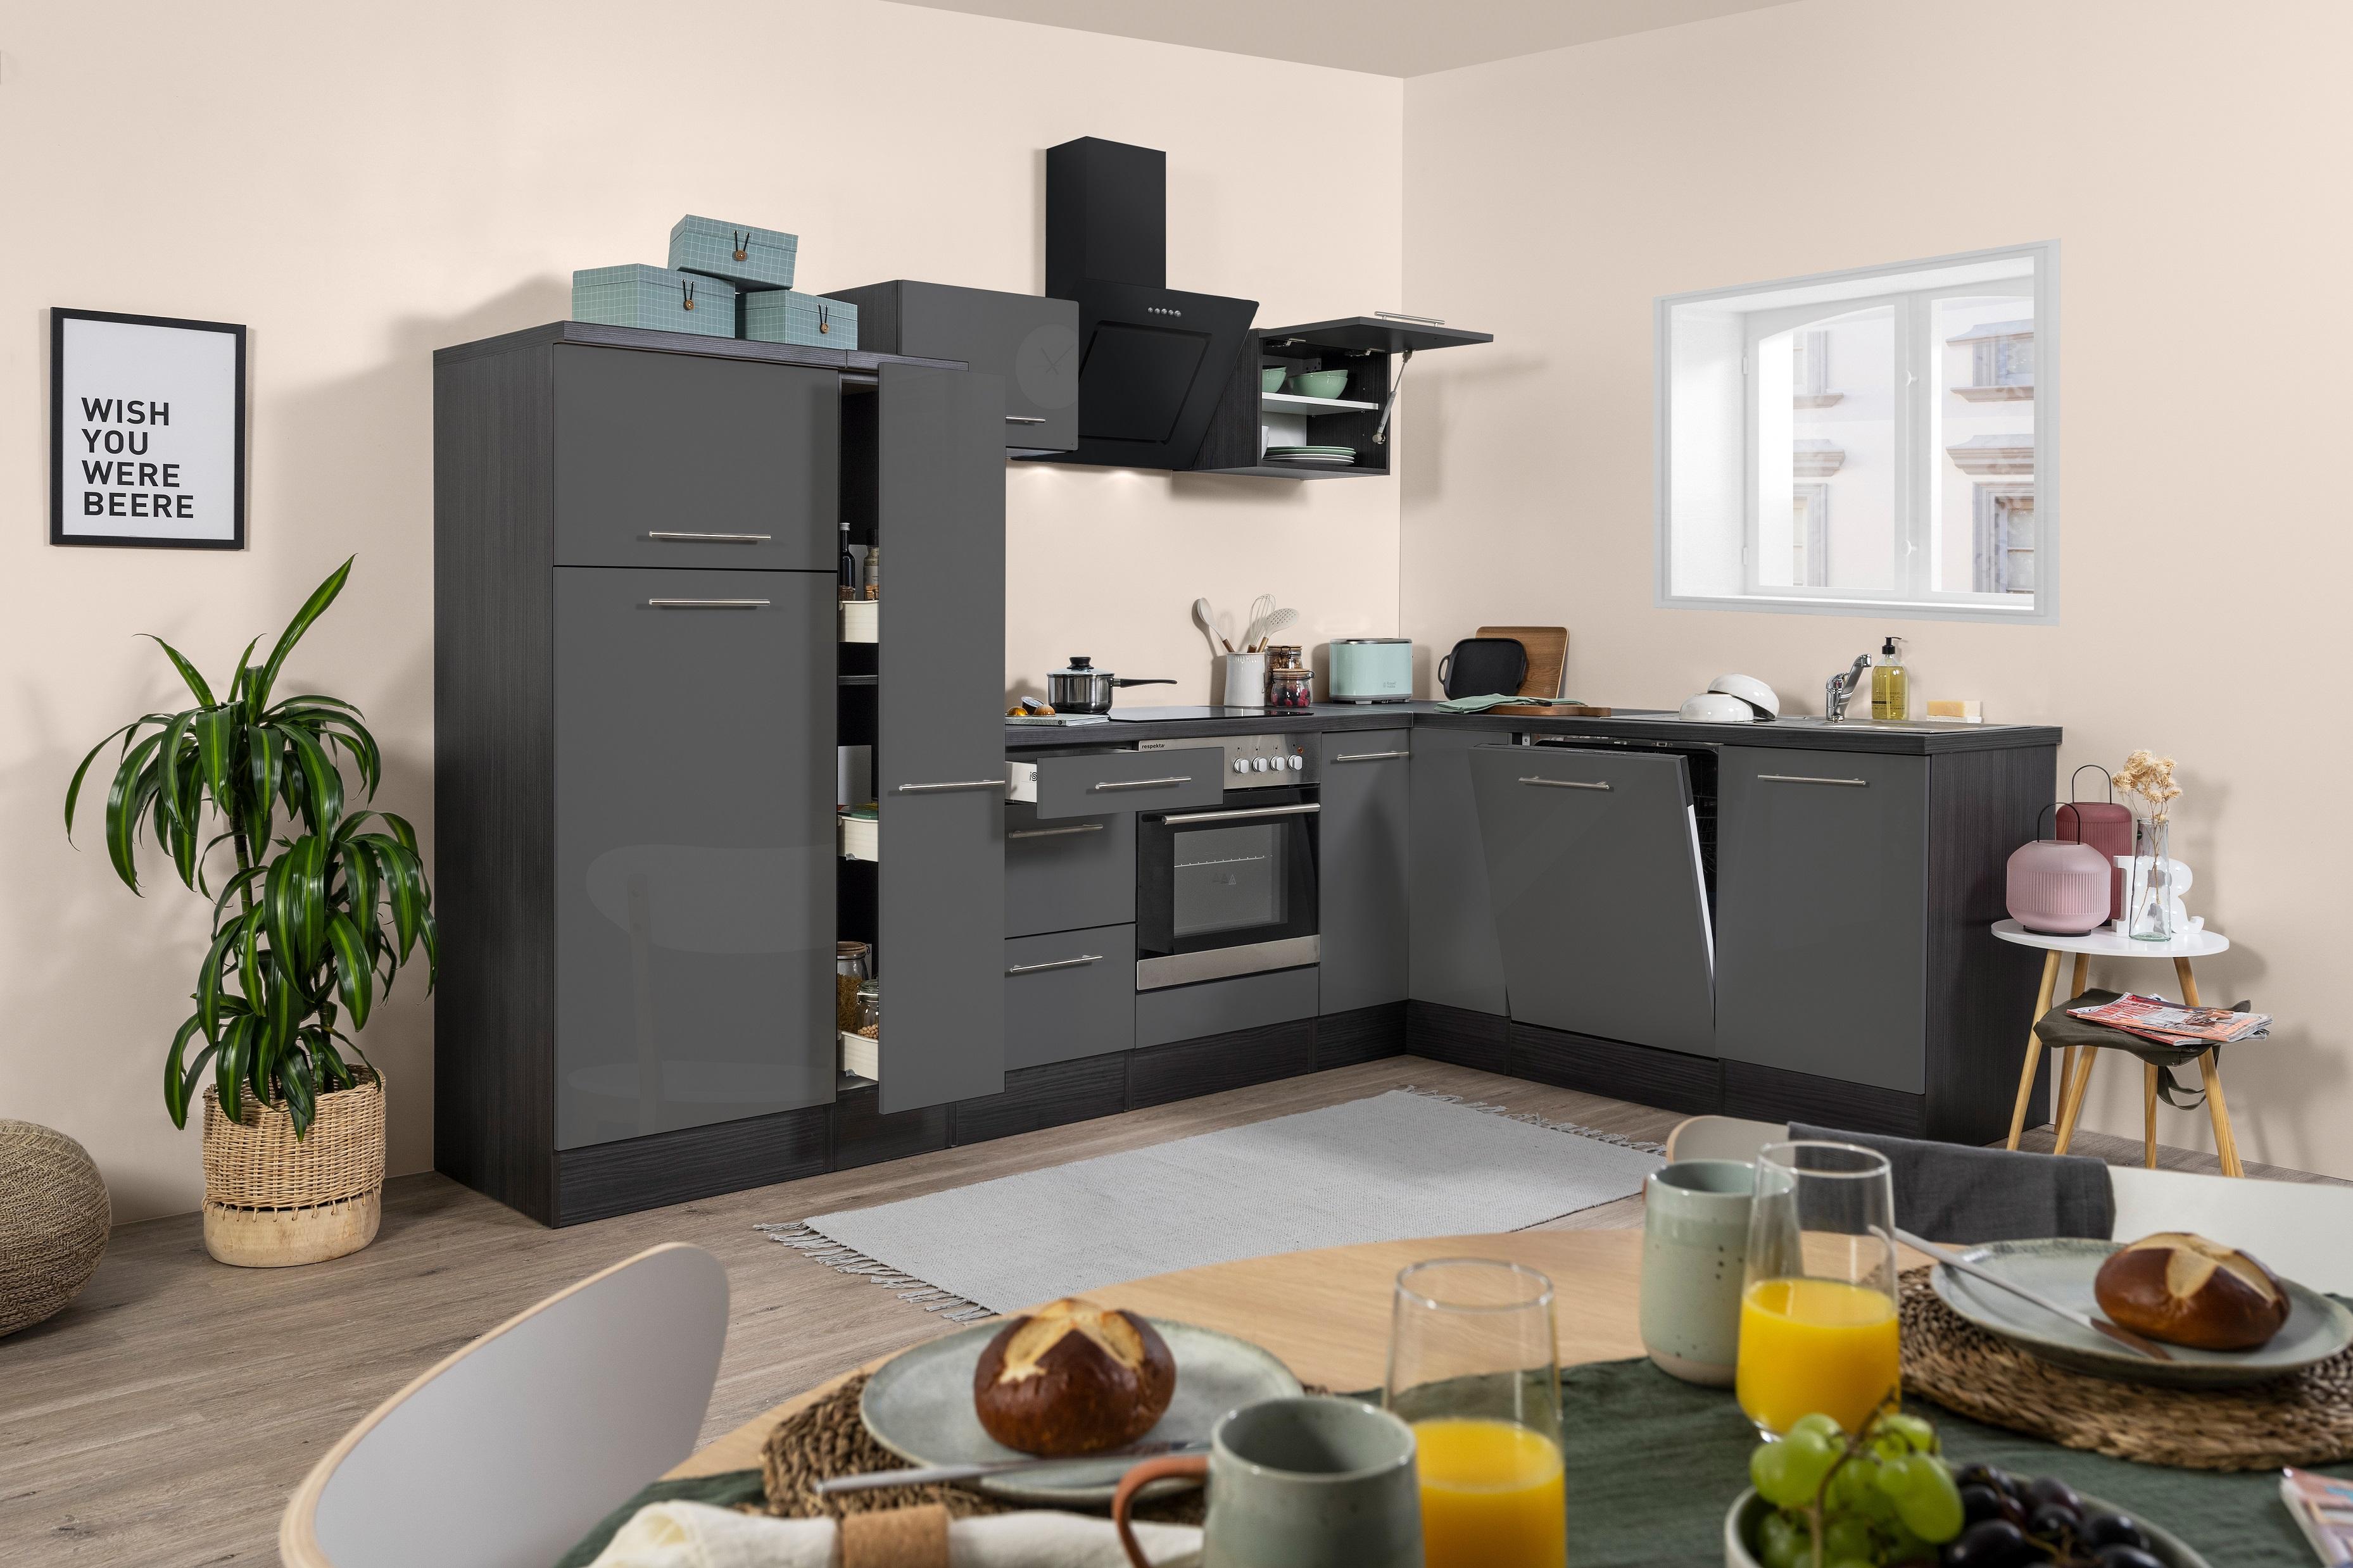 Winkelküche Küchenzeile L-Form Küche Einbauküche Eiche grau 290x200 cm respekta